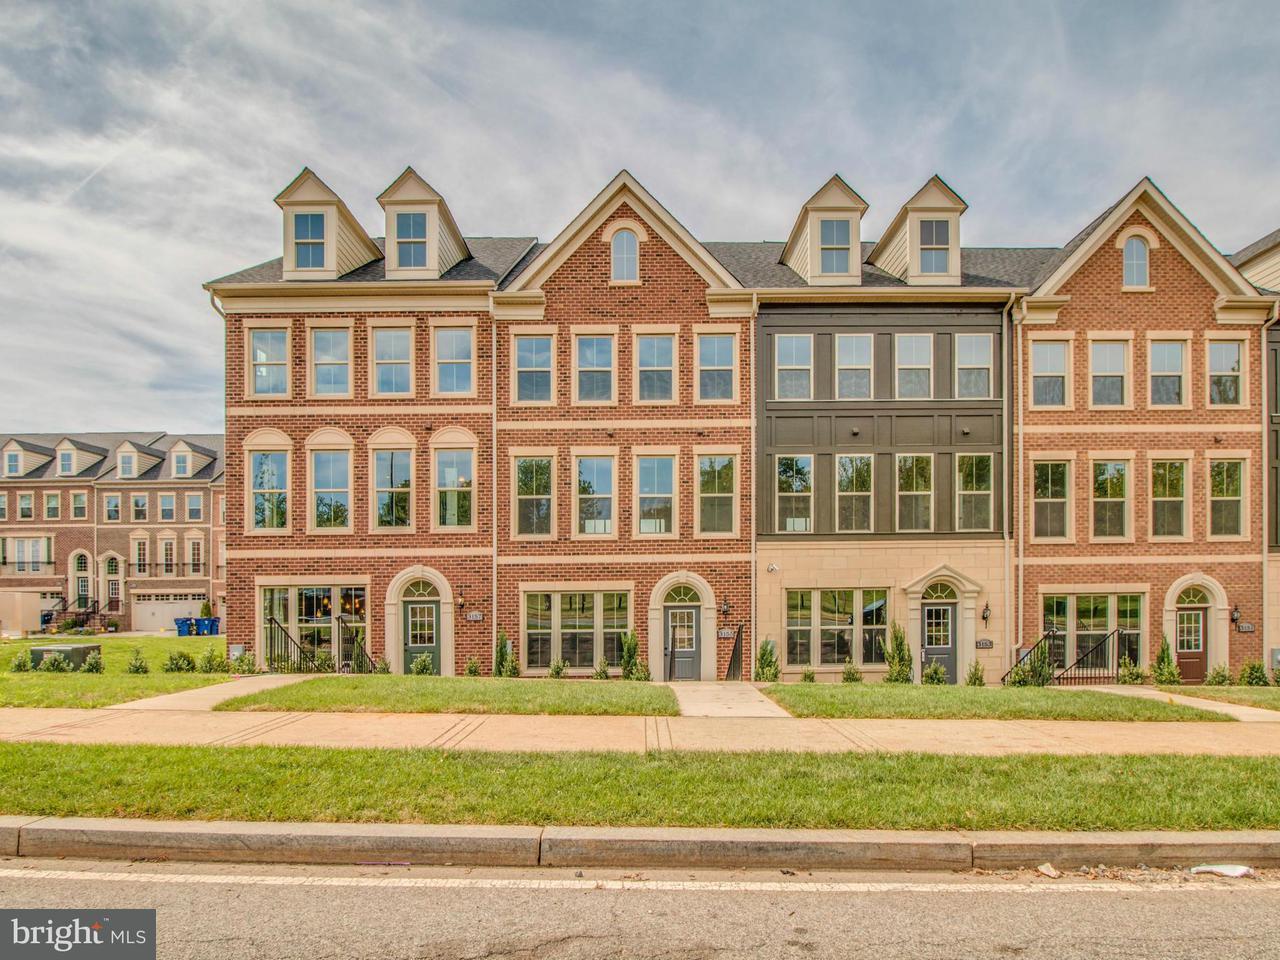 联栋屋 为 销售 在 3619 JAMISON ST NE 3619 JAMISON ST NE 华盛顿市, 哥伦比亚特区 20018 美国